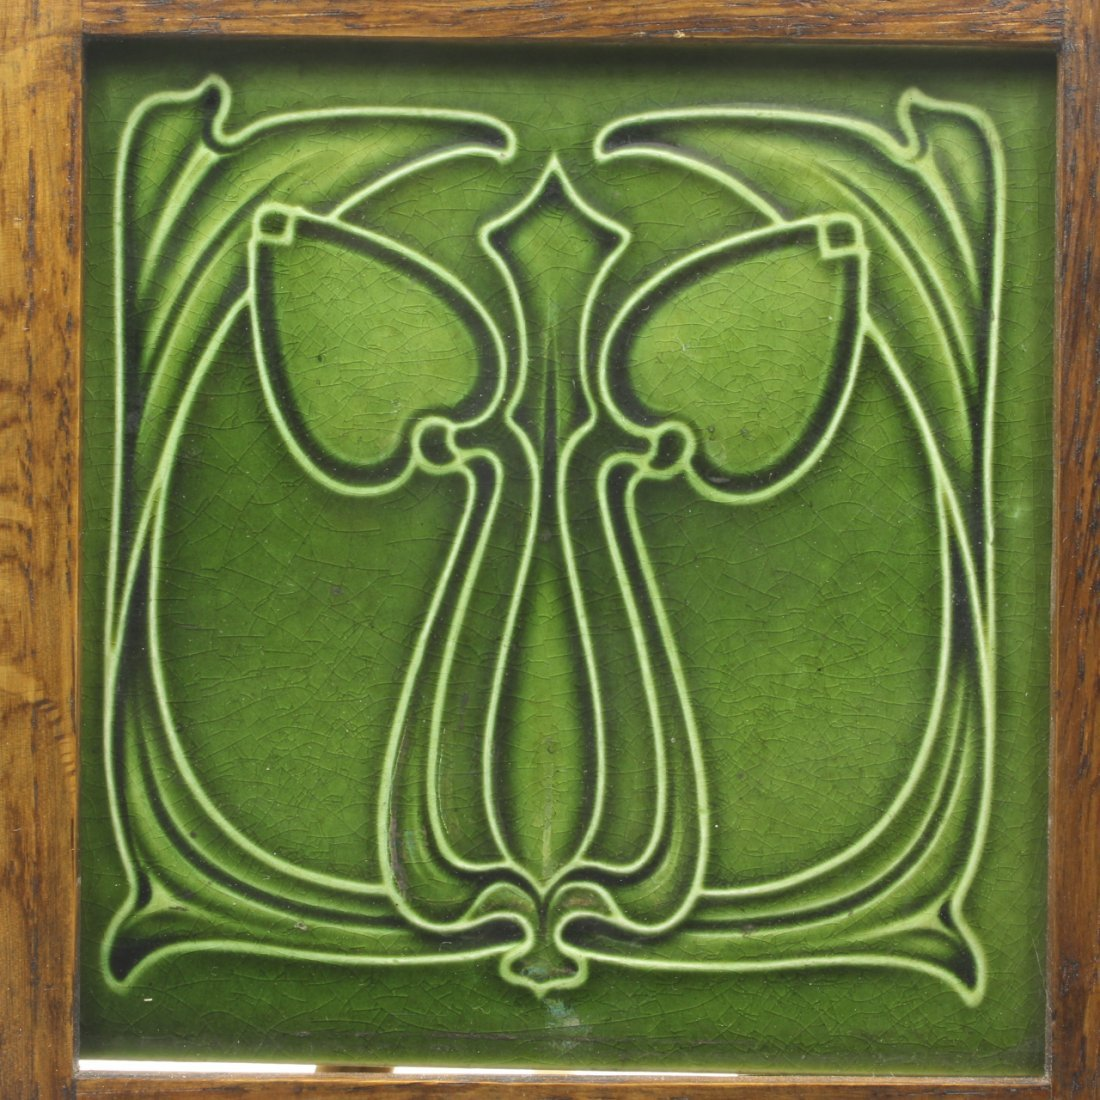 Art Nouveau Design Tile, C. 1905